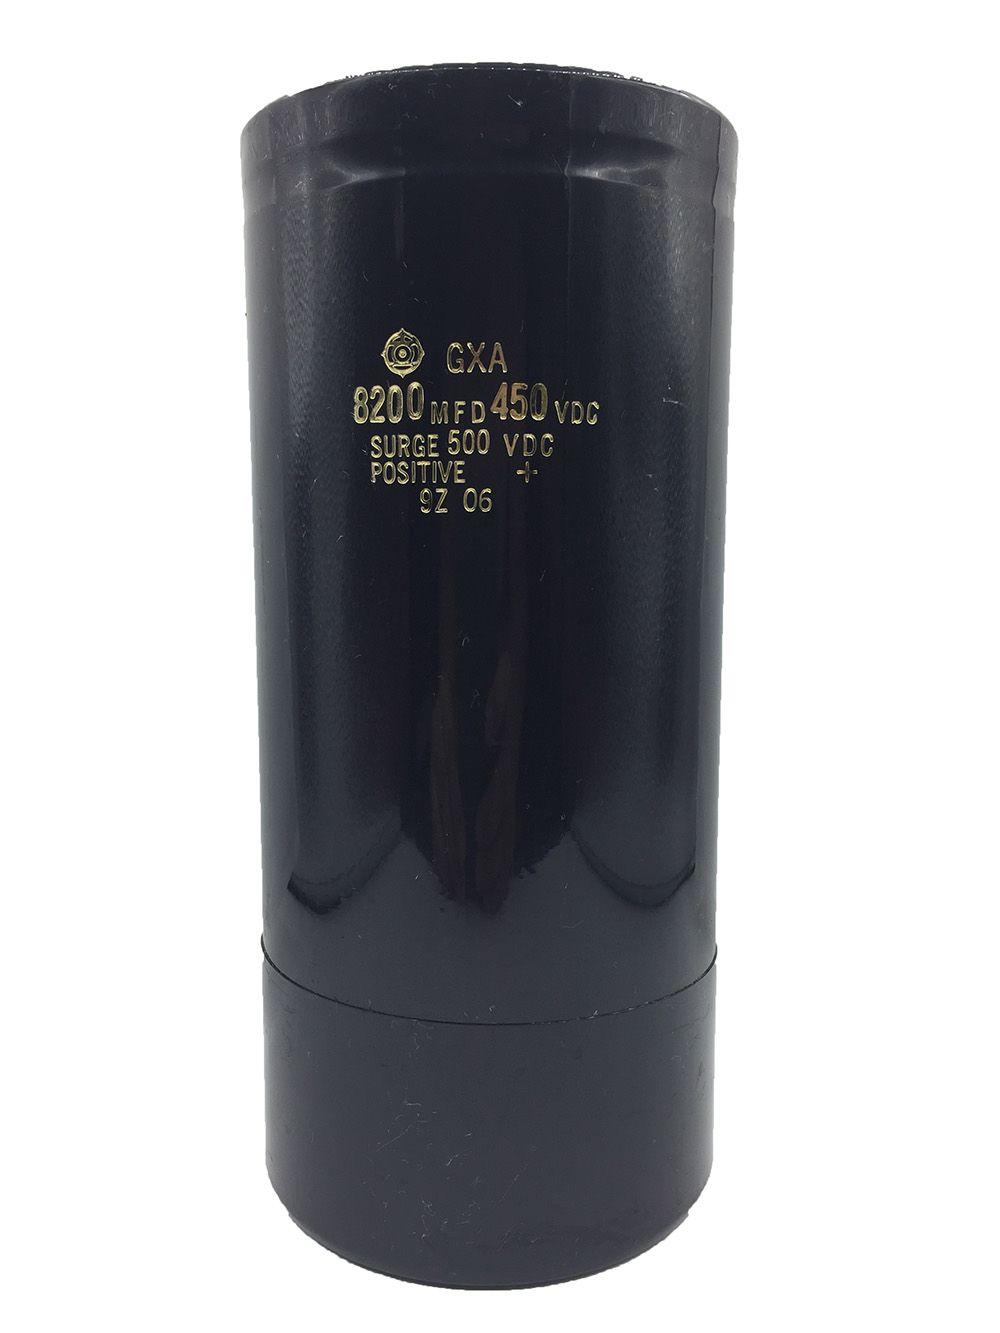 Alta calidad HITACHI Condensador electrolítico de aluminio, 8200MFD 450 Vdc, Tamaño 196 mm x 90 mm, tornillos de los terminales